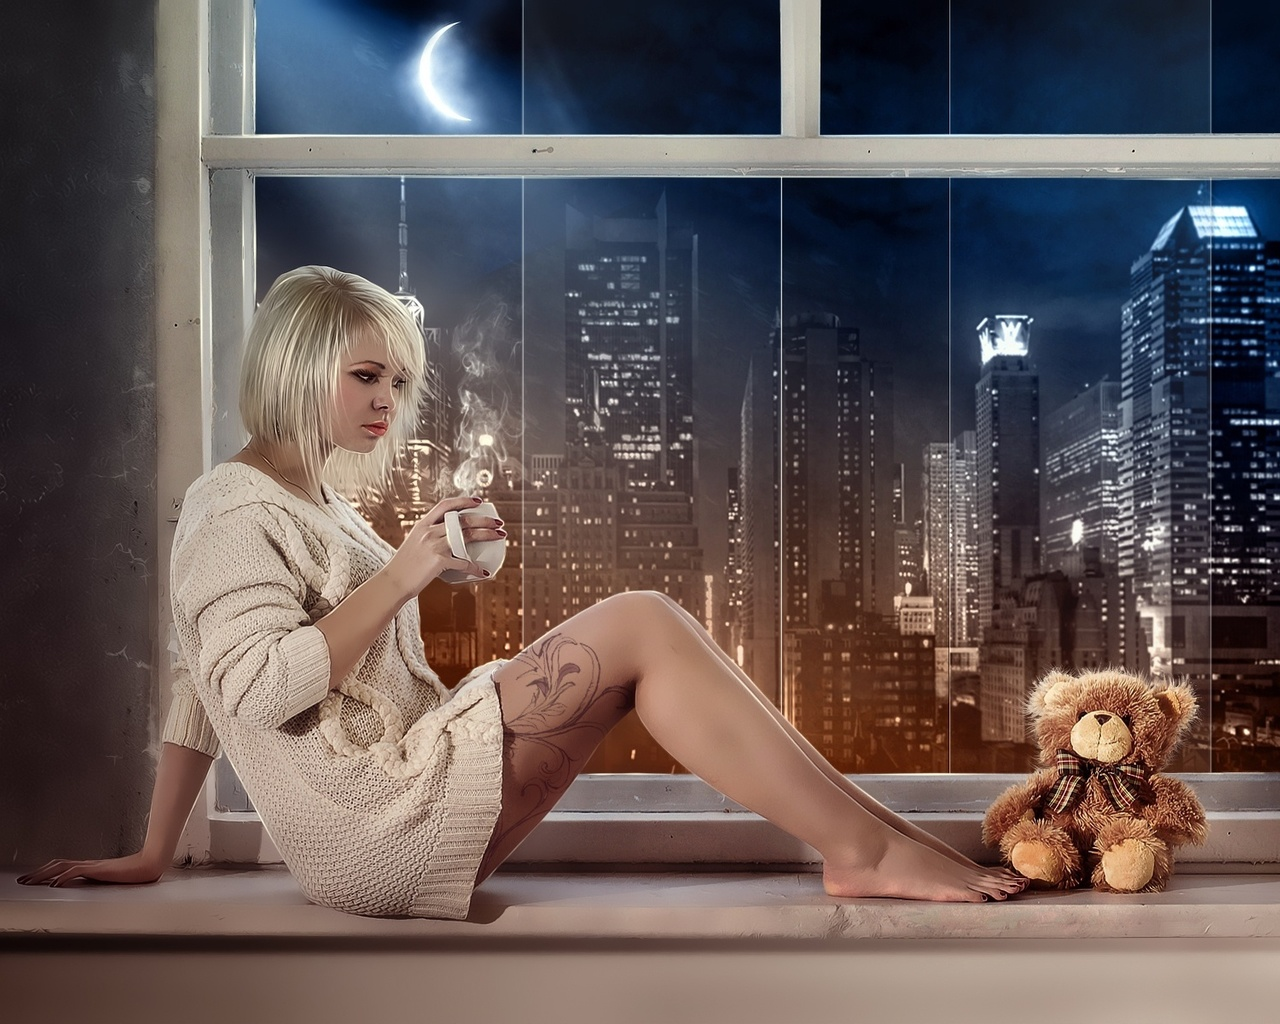 Светловолосая девушка в меховых сапогах 13 фотография